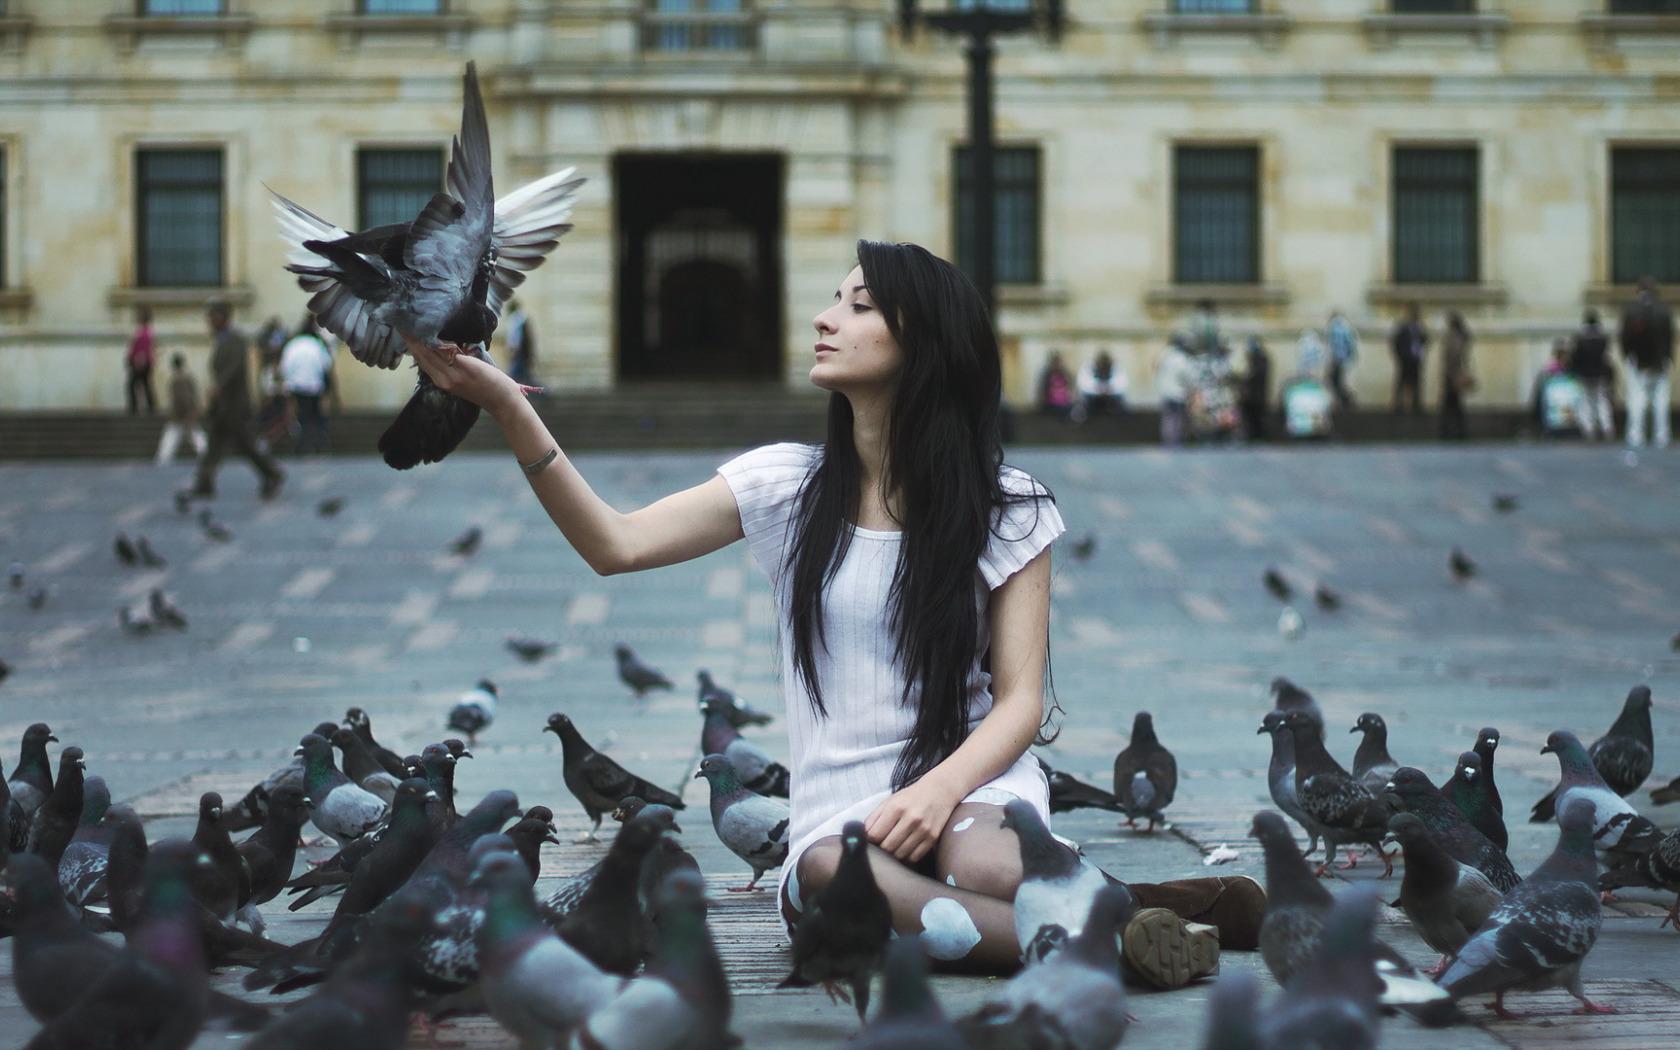 для удобства приснилось что знакомый фотографирует голубей походе